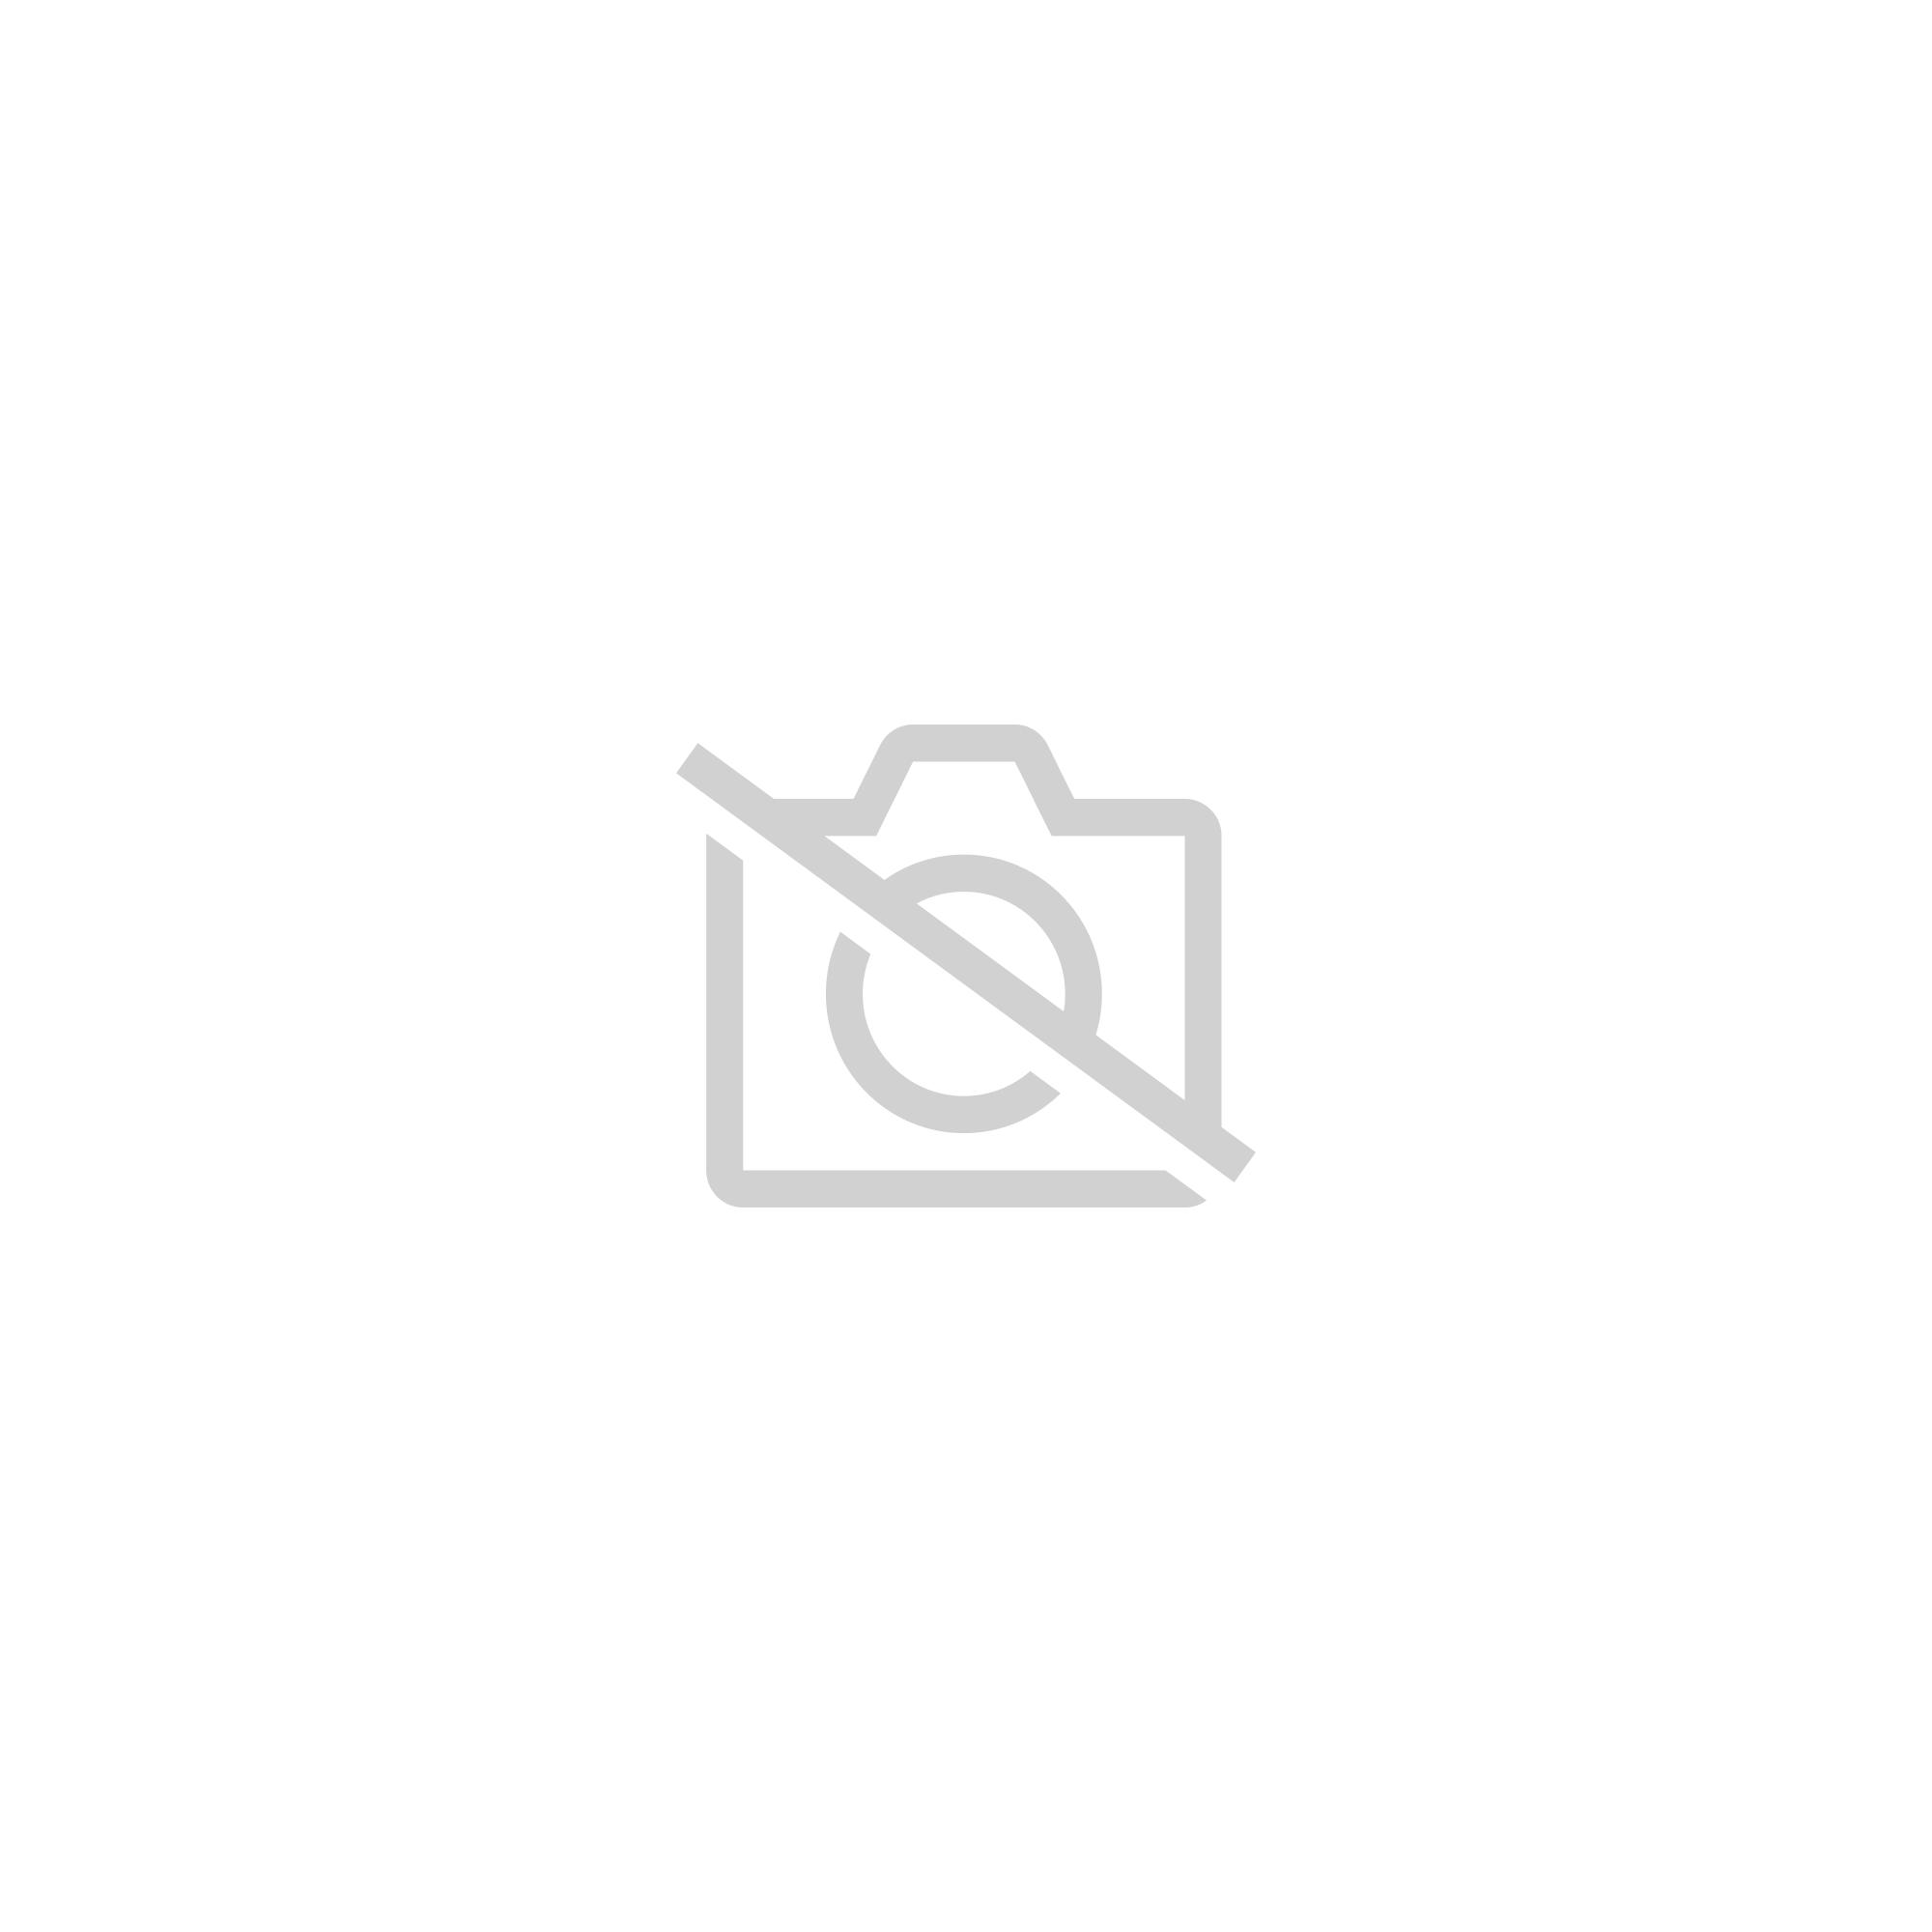 Energy - avec haut pour tablette - poliuretano, policarbonato - noir - pour Tablet Neo 9